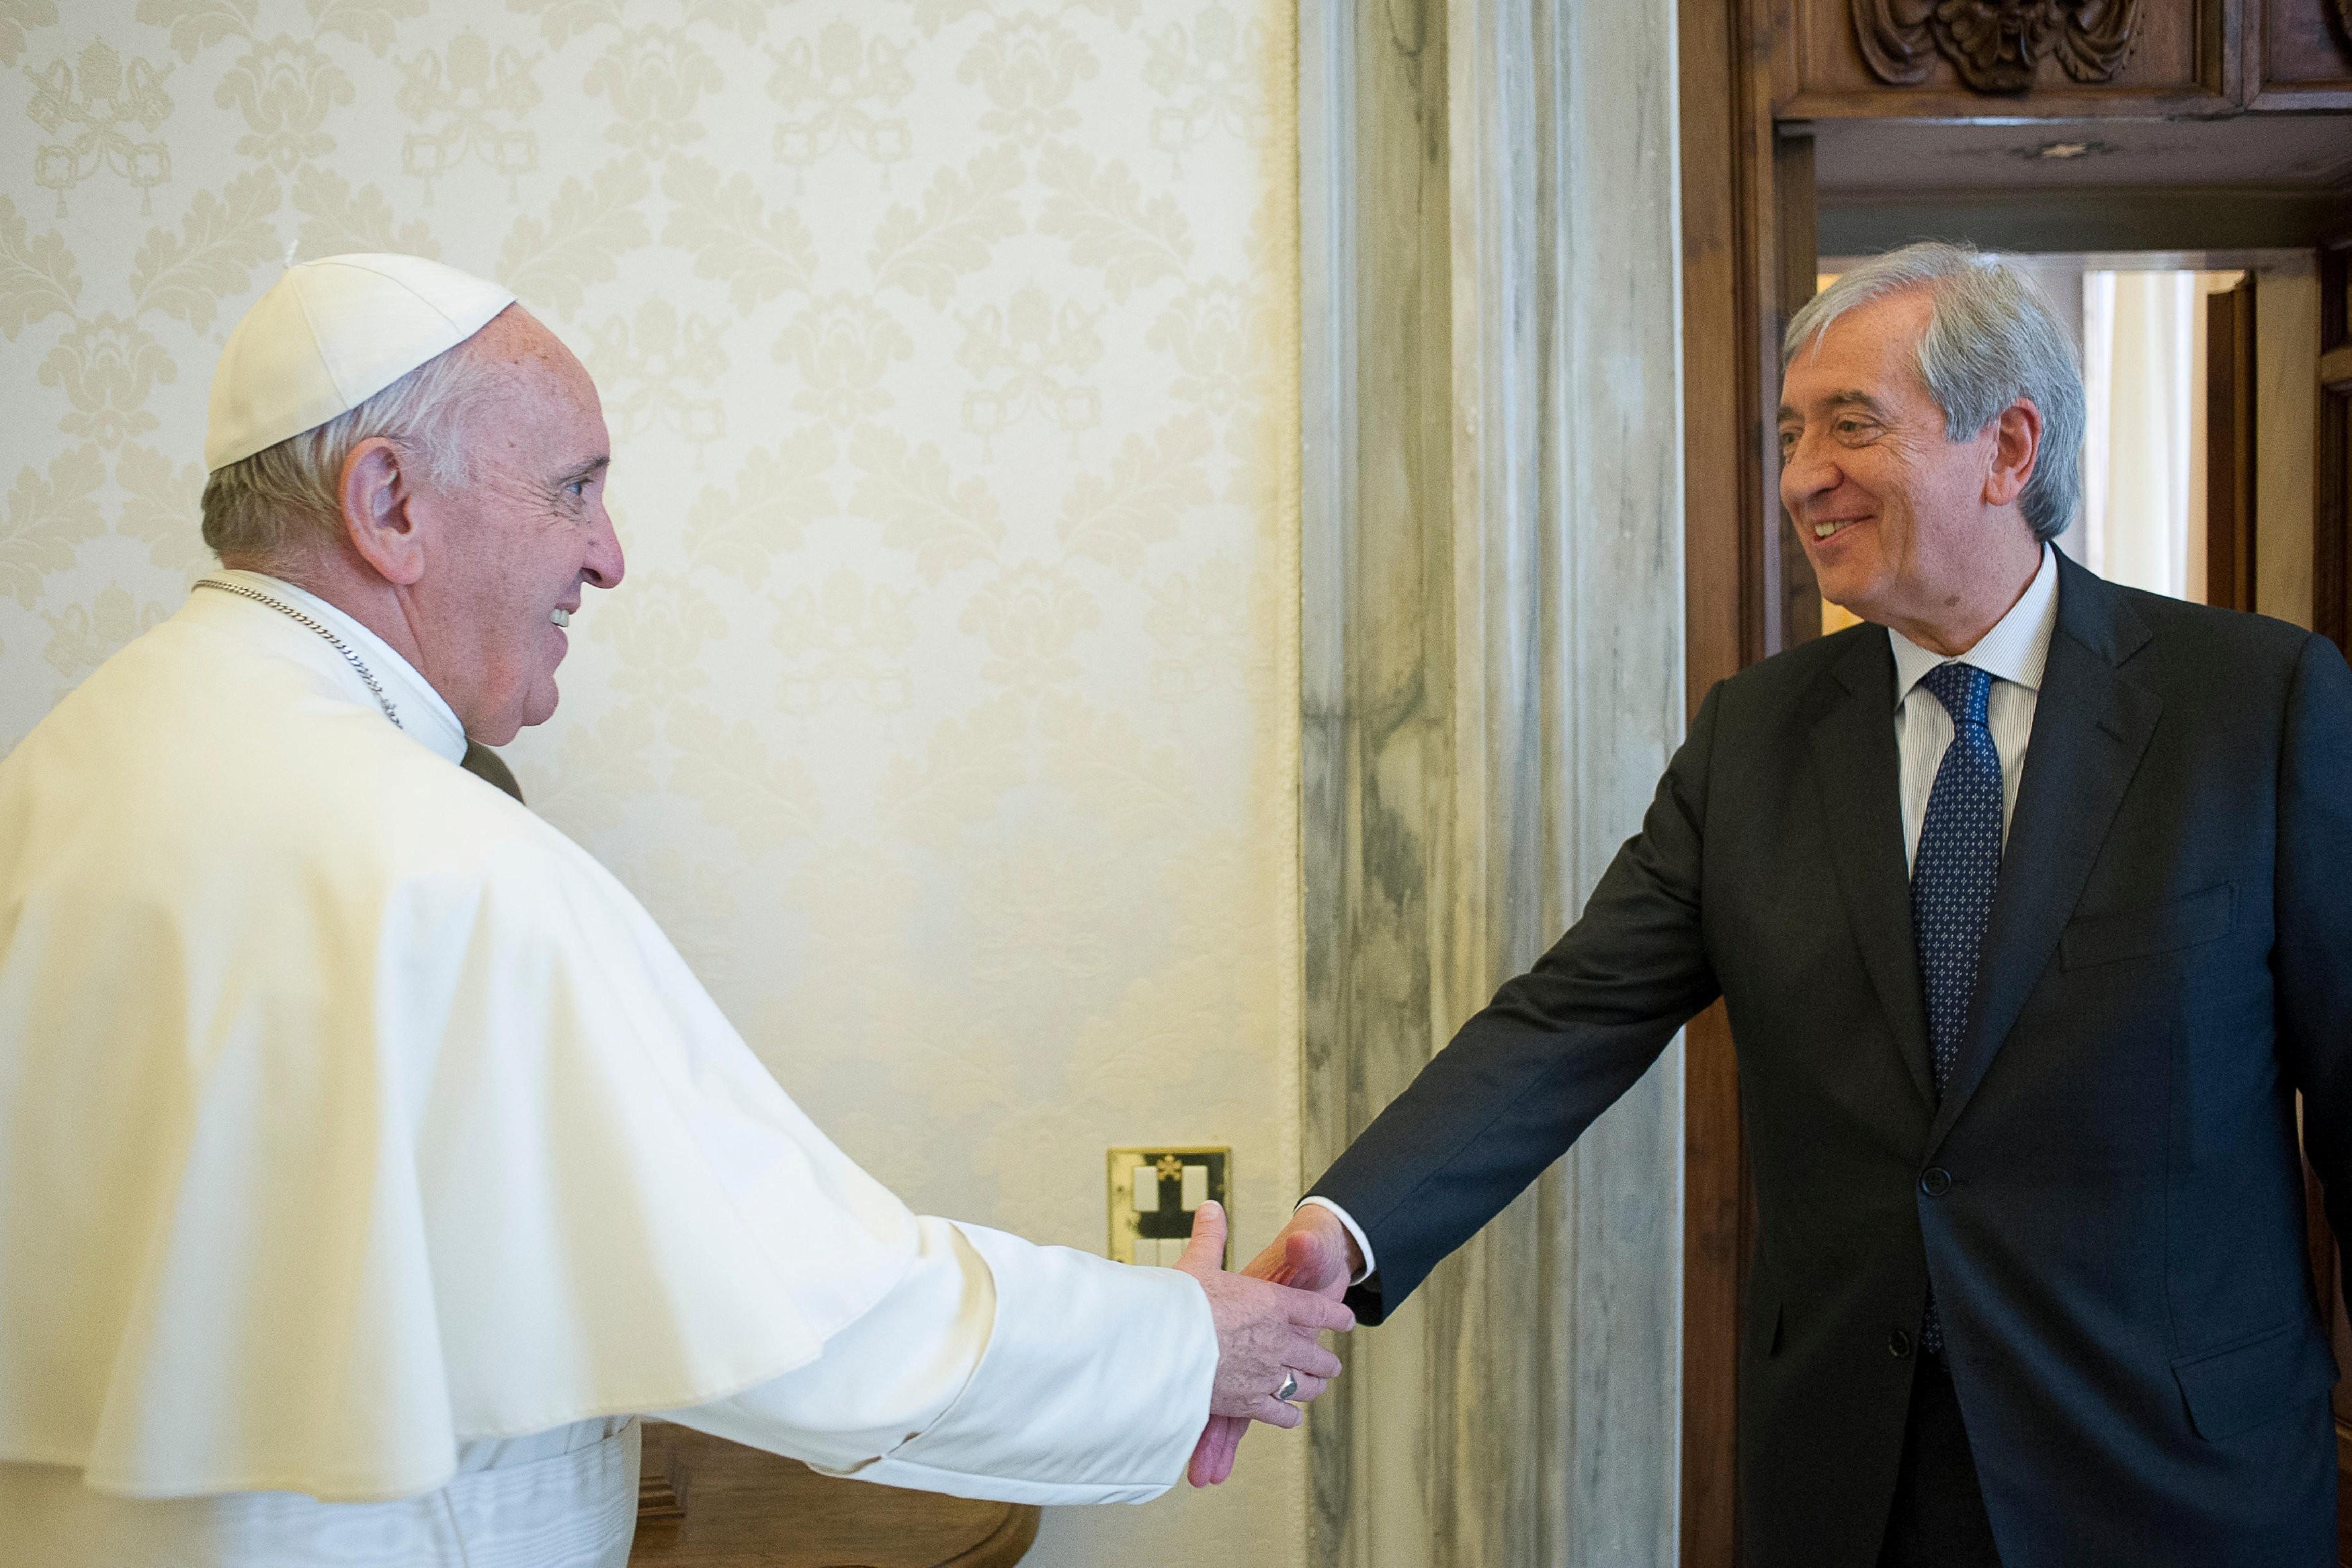 Vaticano afirma que expulsou controlador das finanças pública por espionagem